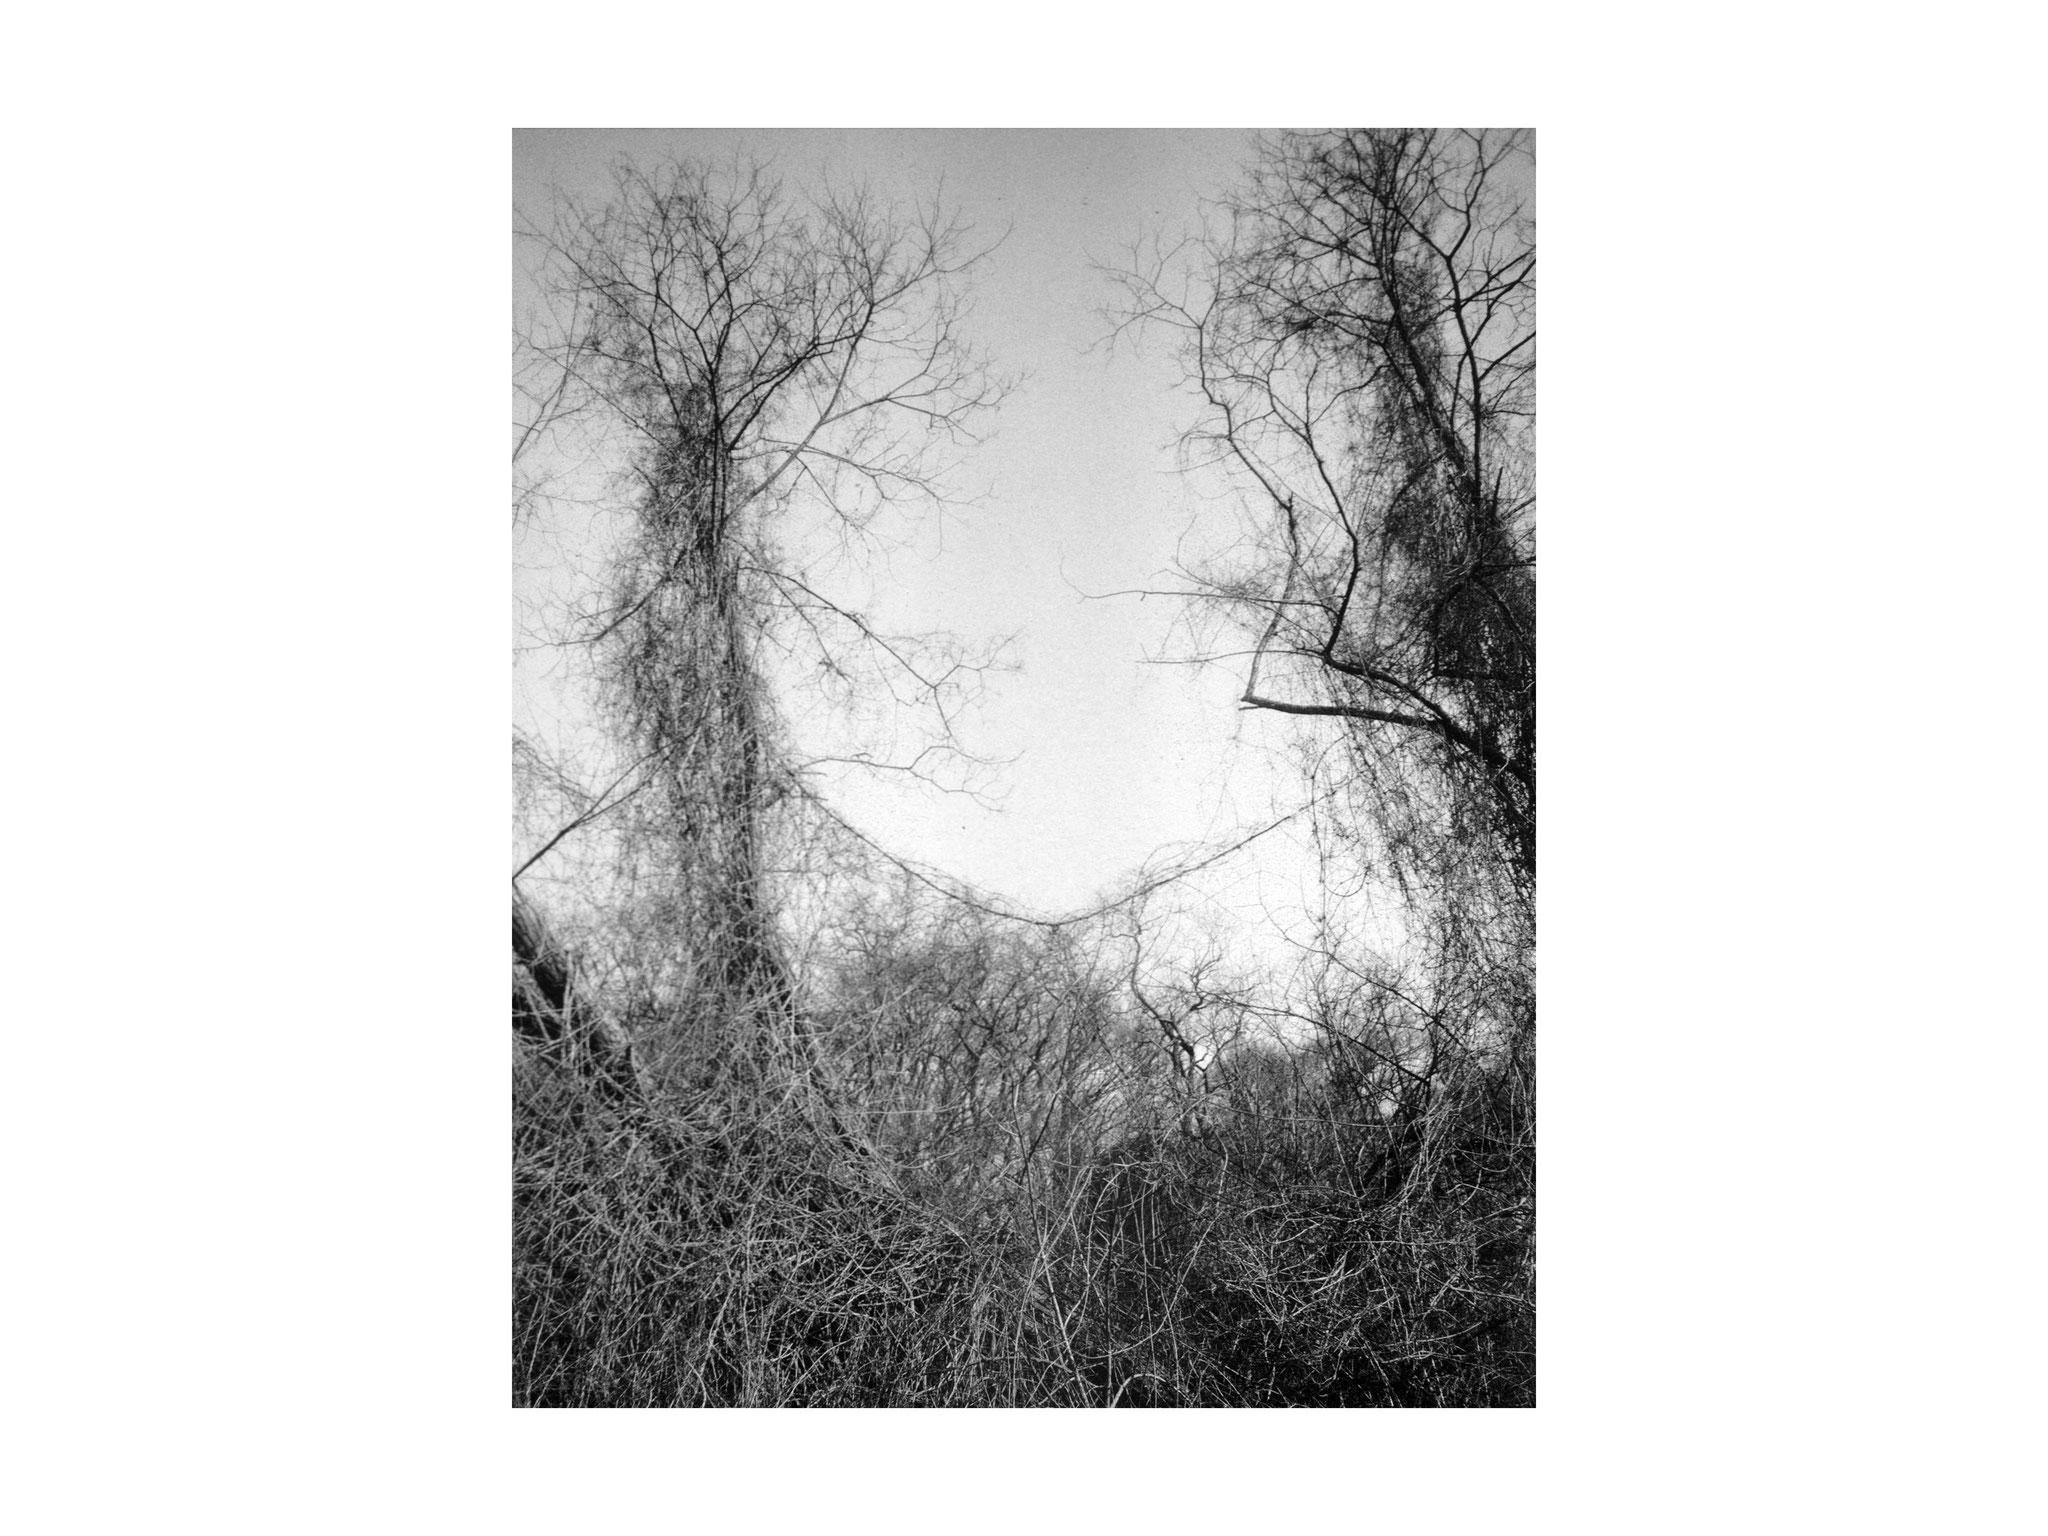 Der umschlungene Baum 3